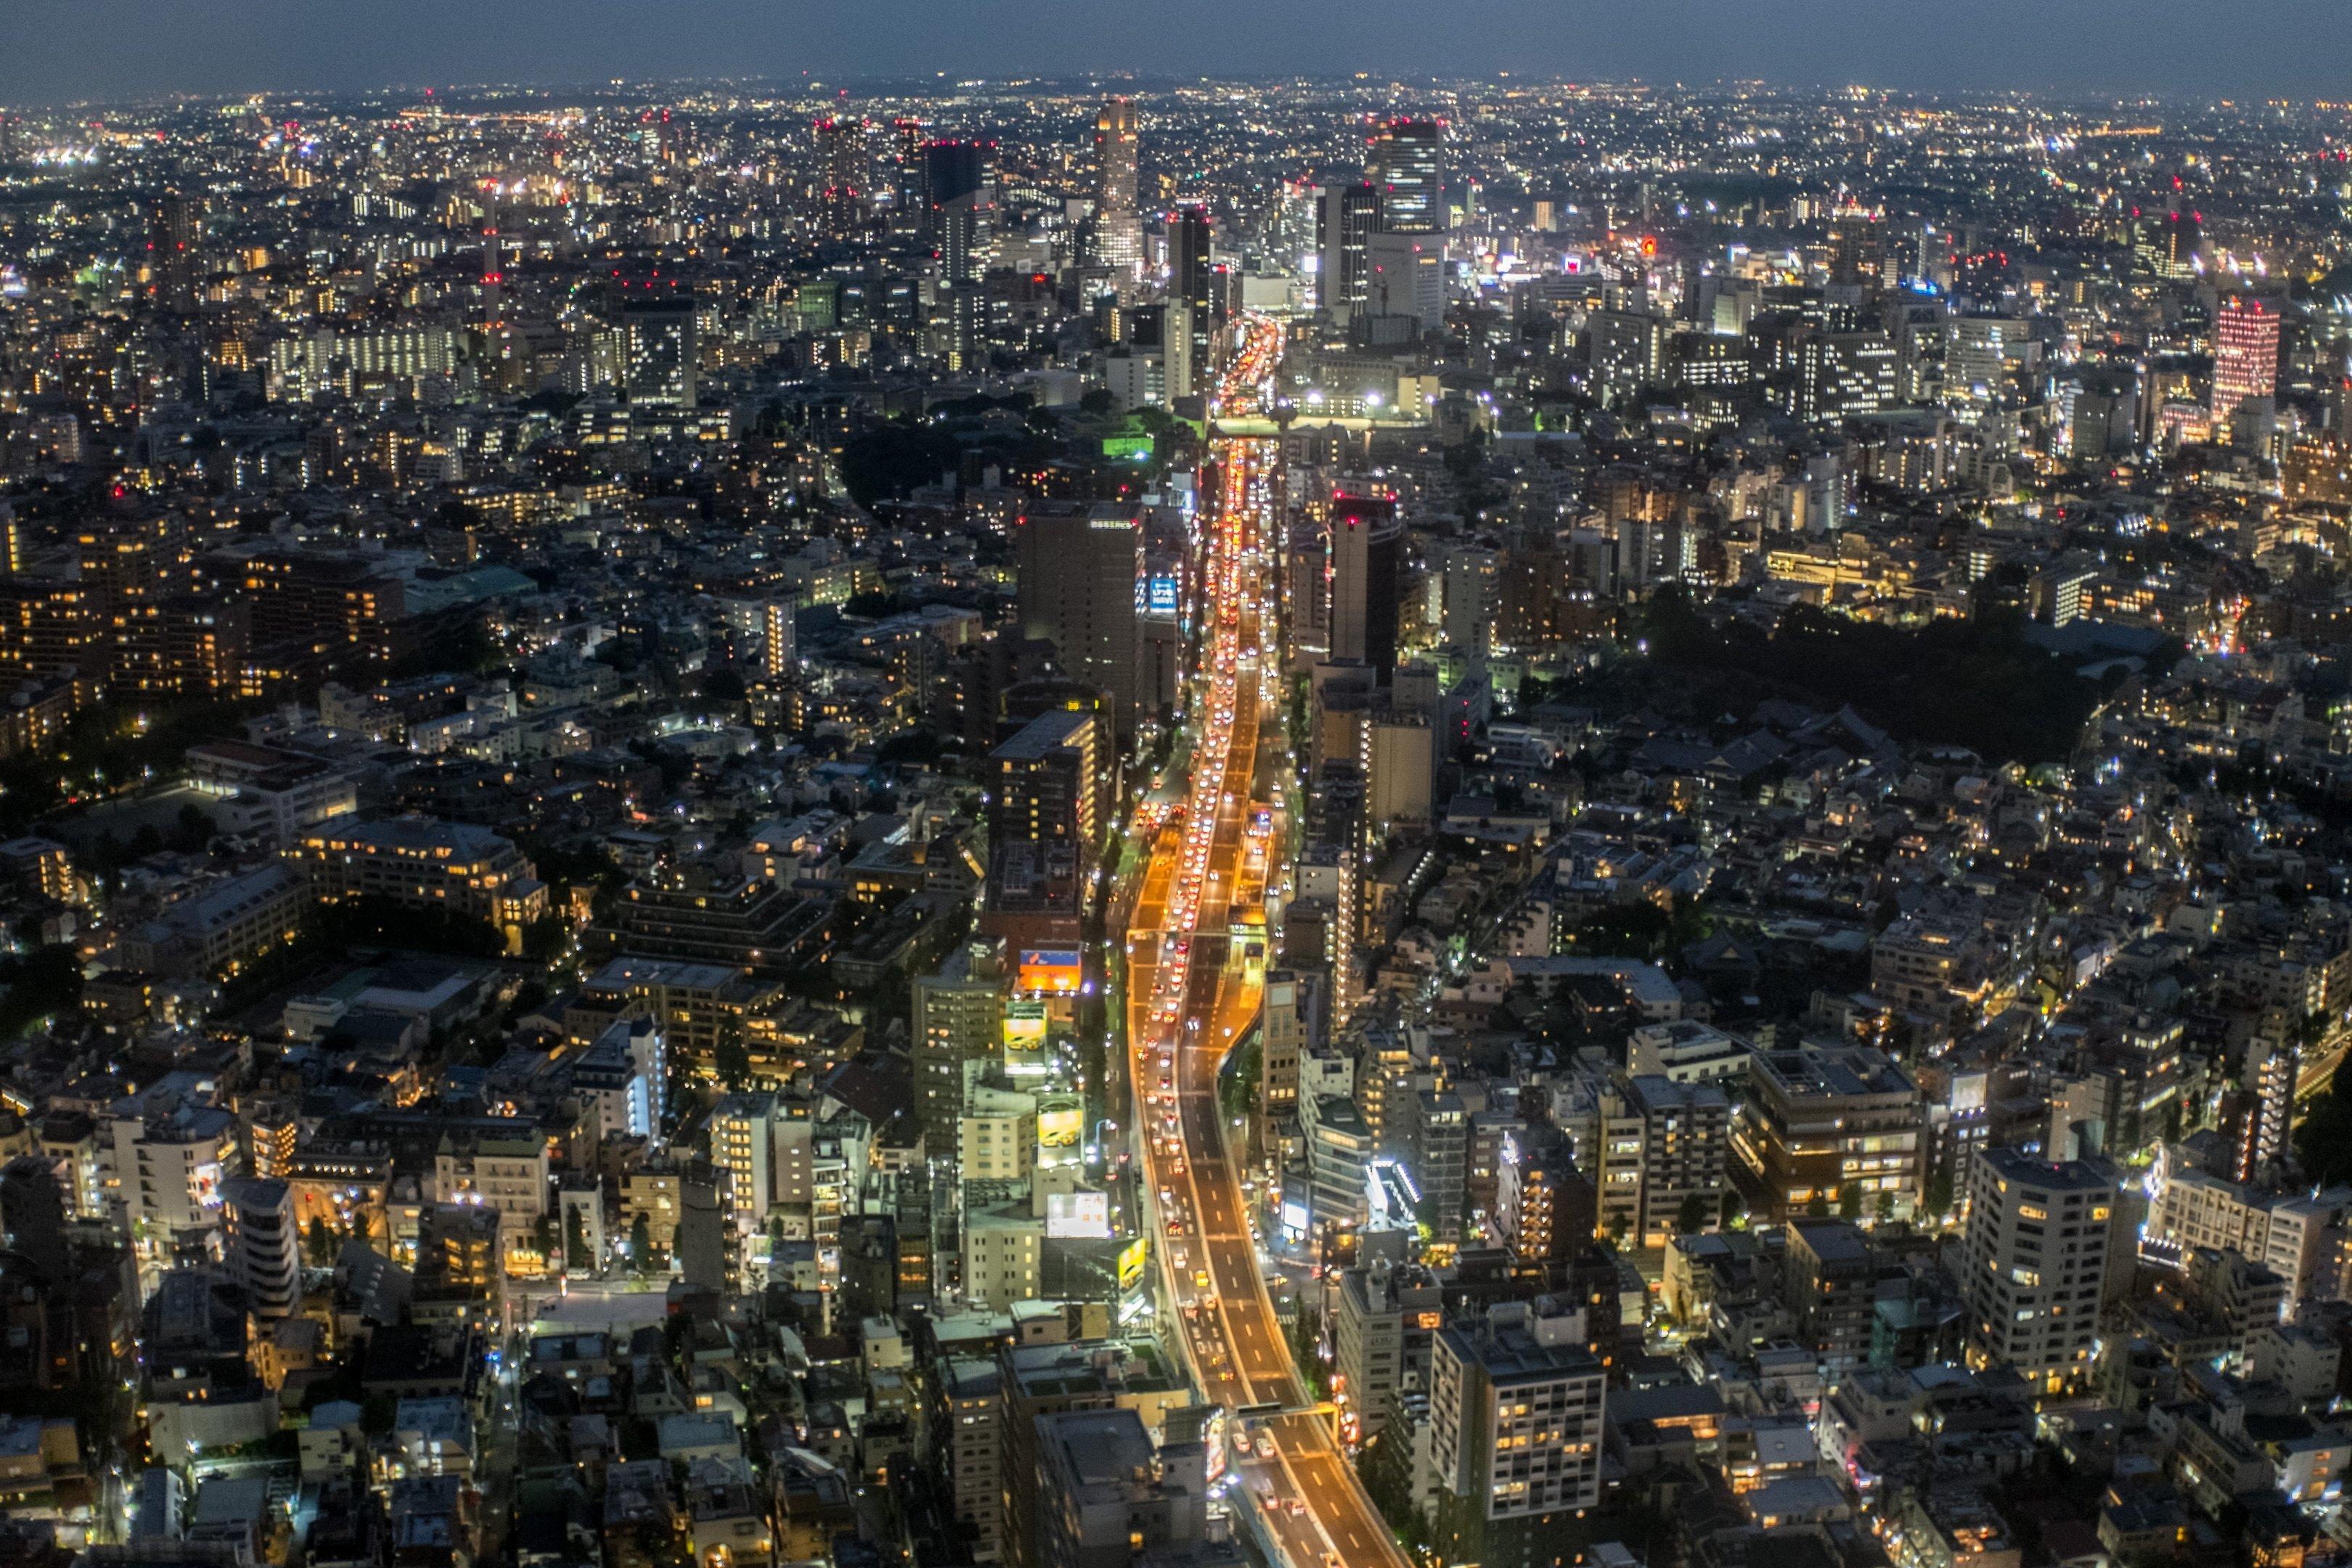 Vista da Torre Mori da cidade de Tóquio, no Japão, dia 21/09/2015